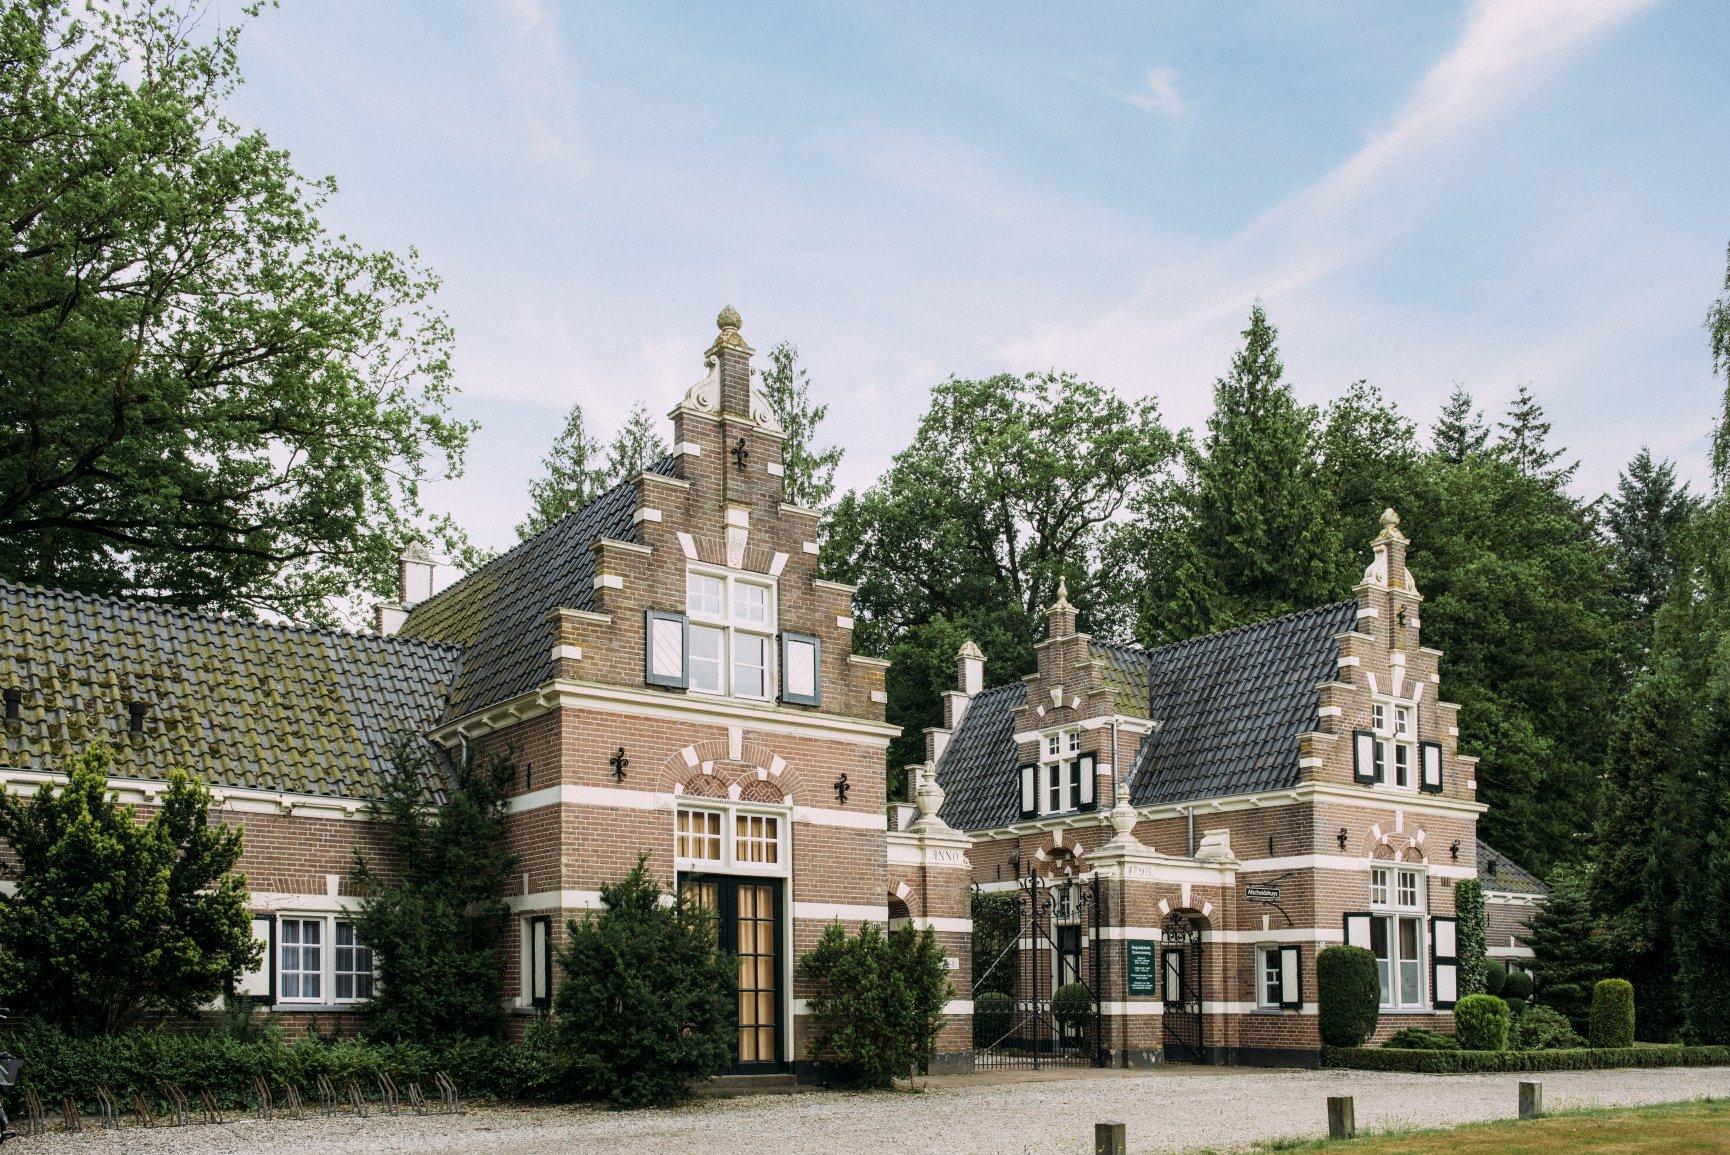 uitvaartcentrum Afscheidshuys Apeldoorn